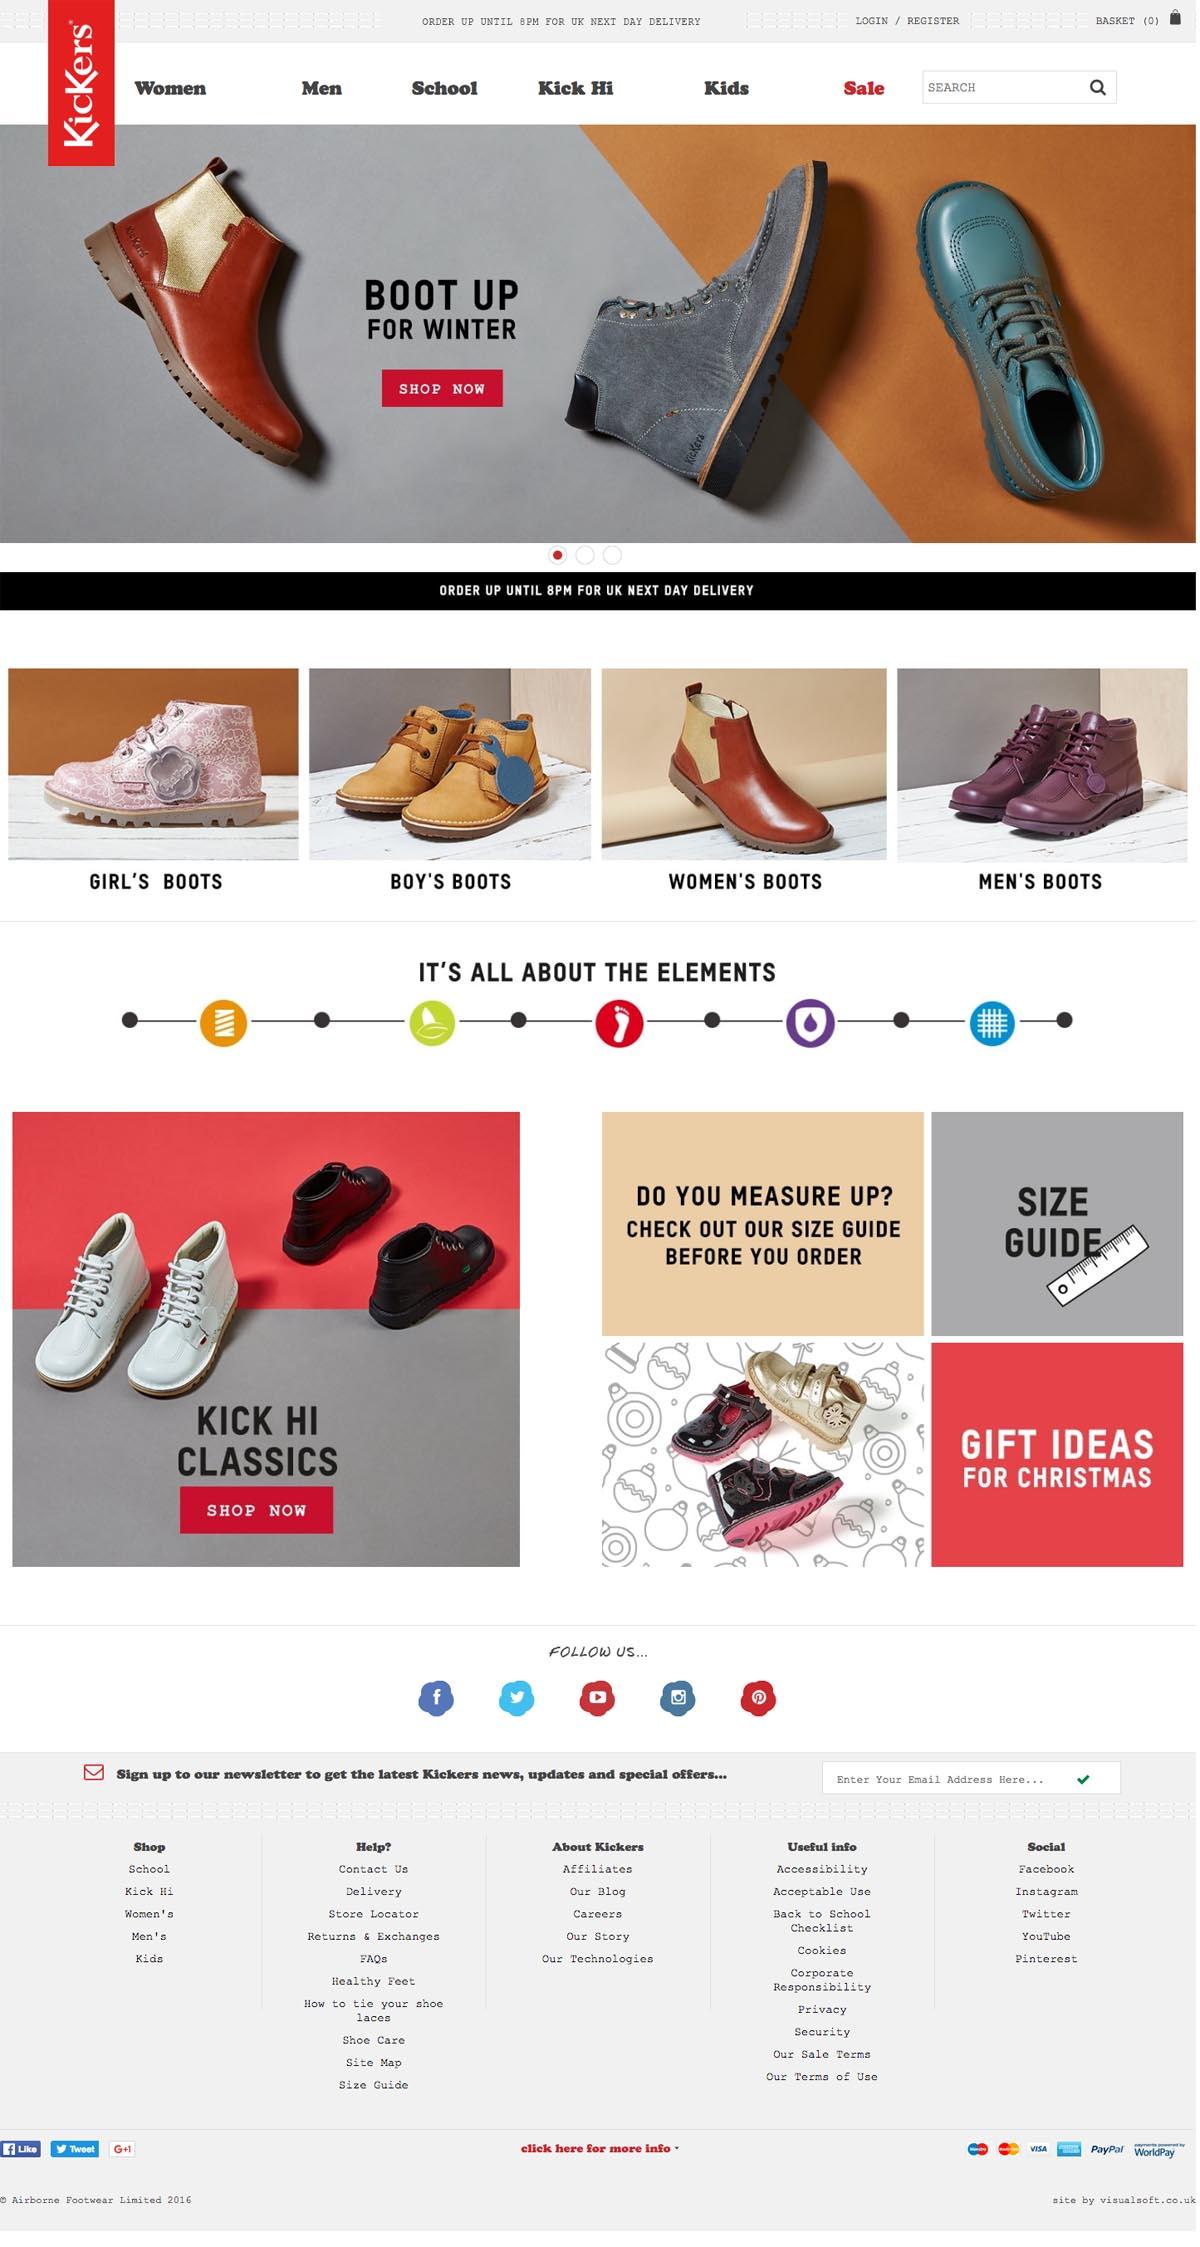 eCommerce website: Kickers